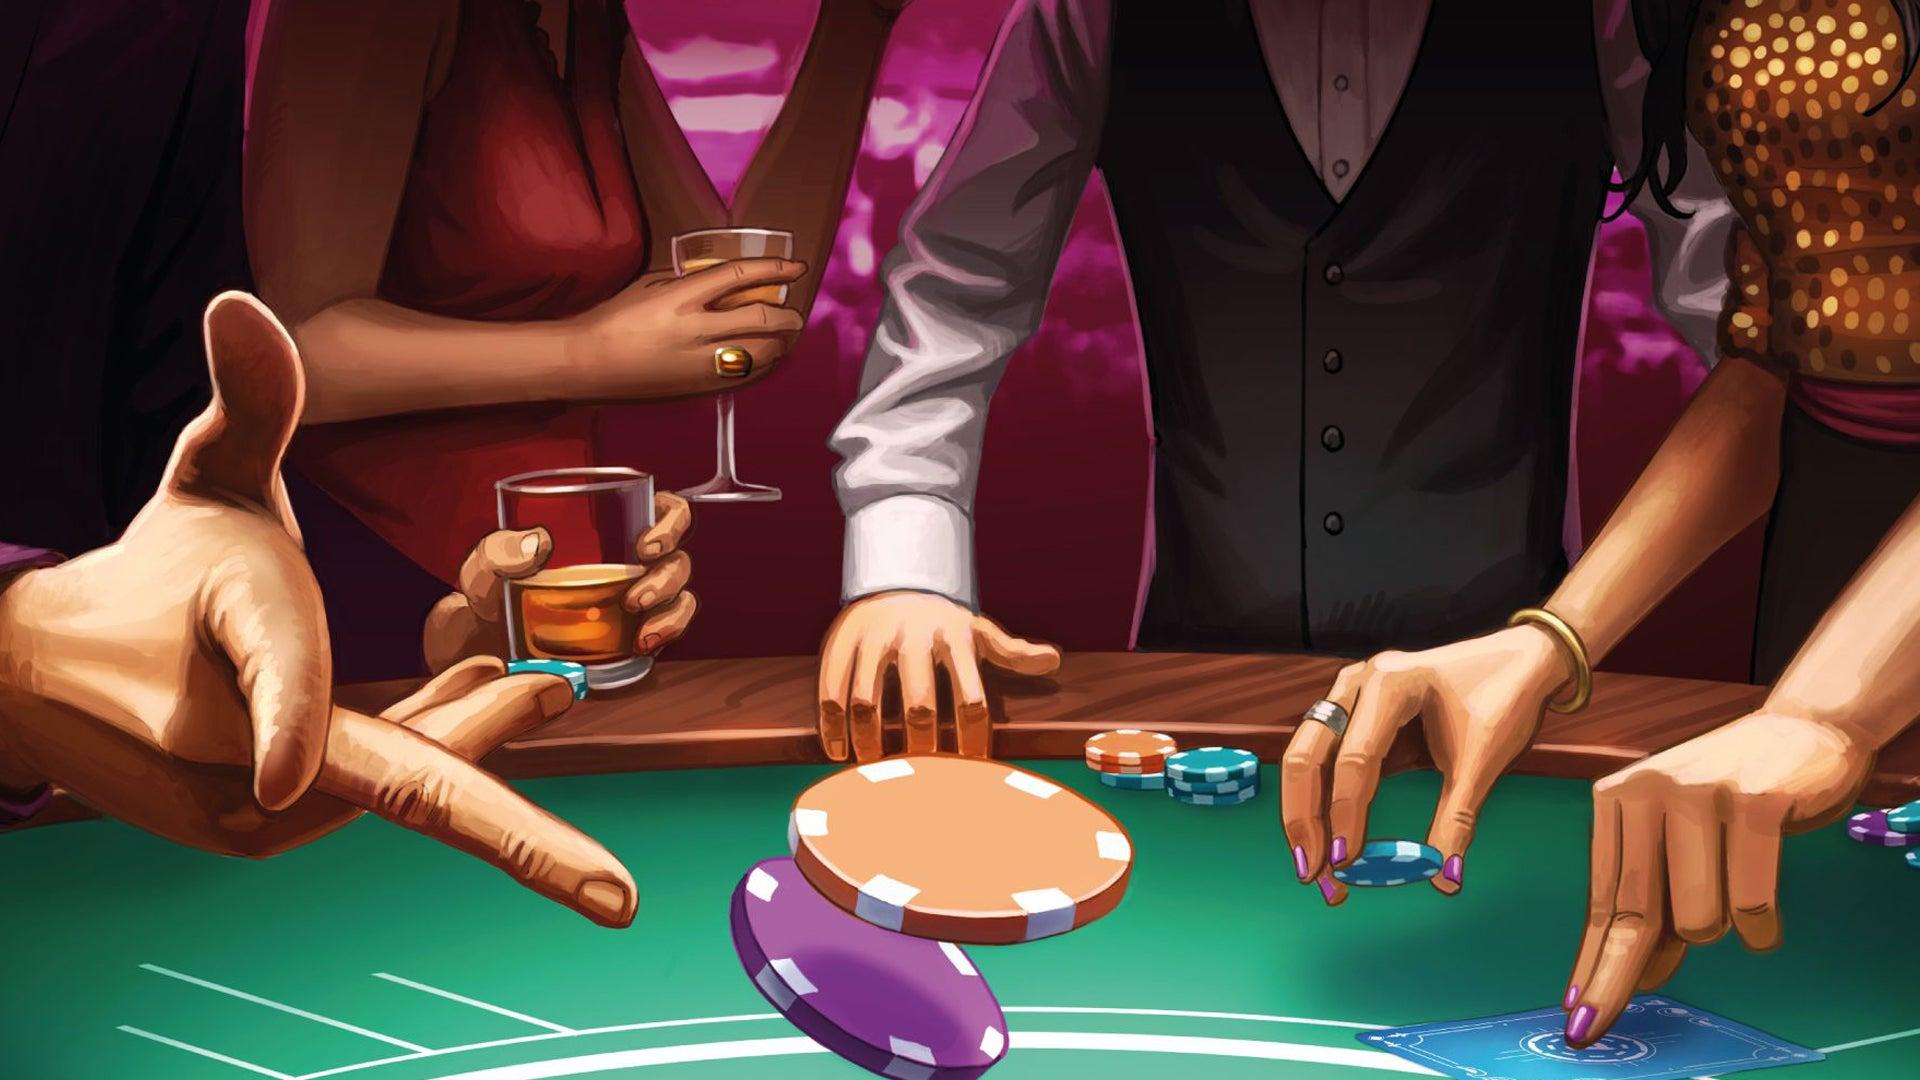 Vabanque board game artwork